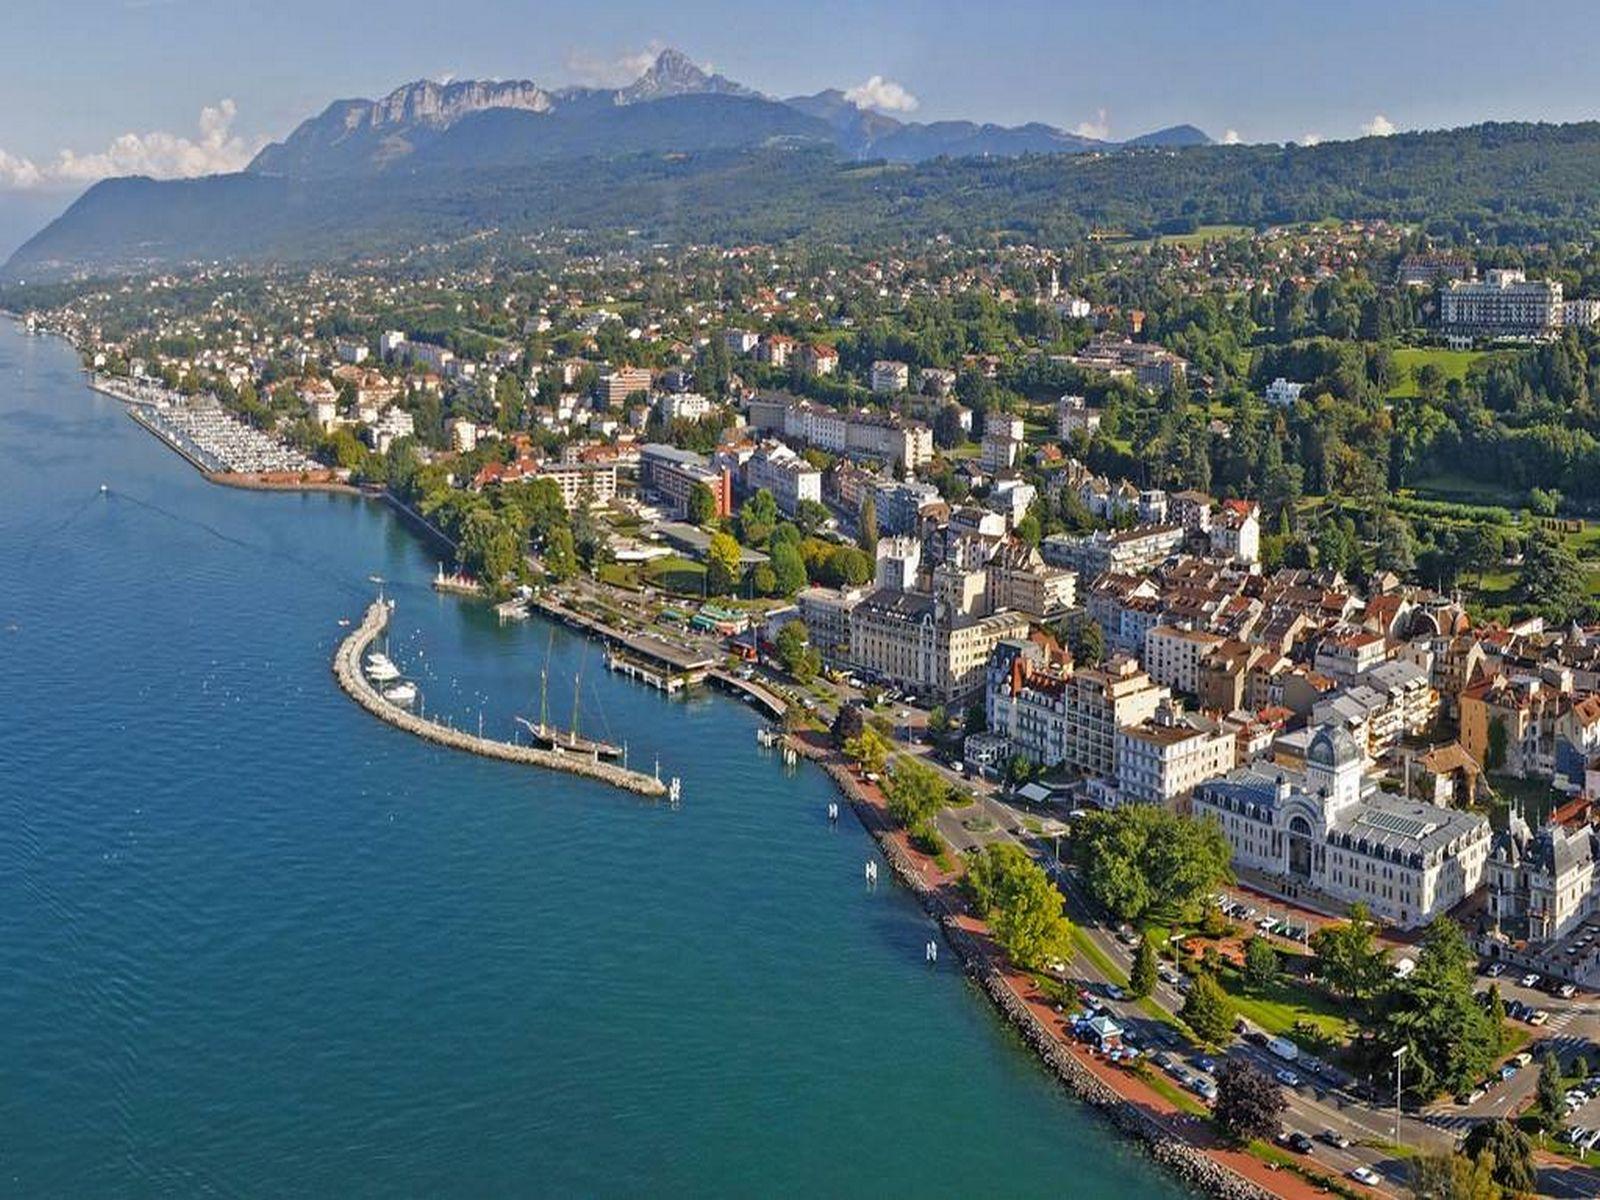 séminaire d'entreprise Evian destinations séminaires